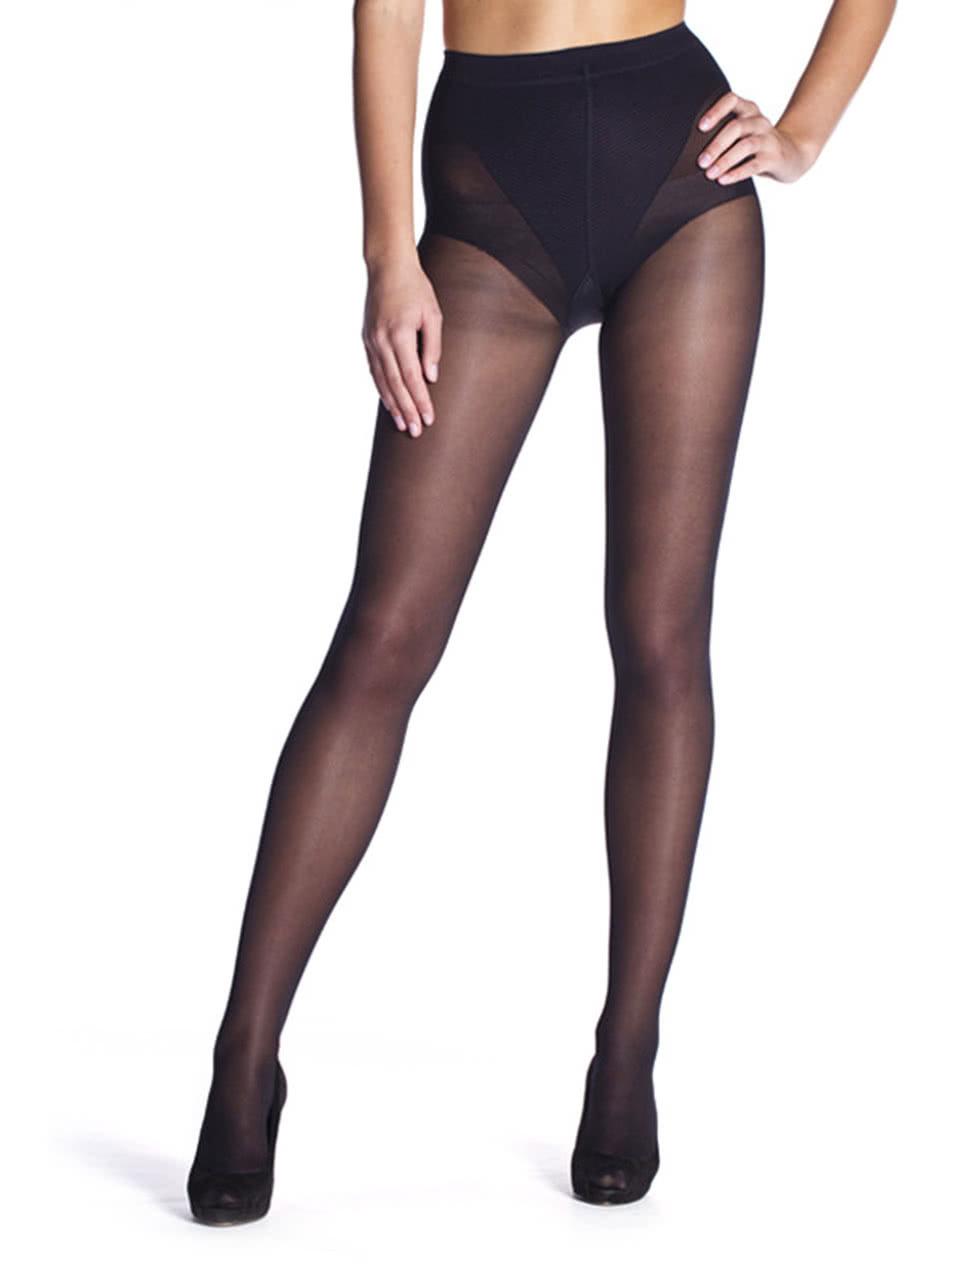 8128e7a1424 Černé zeštíhlující punčochové kalhoty Bellinda Figura 25 DEN ...